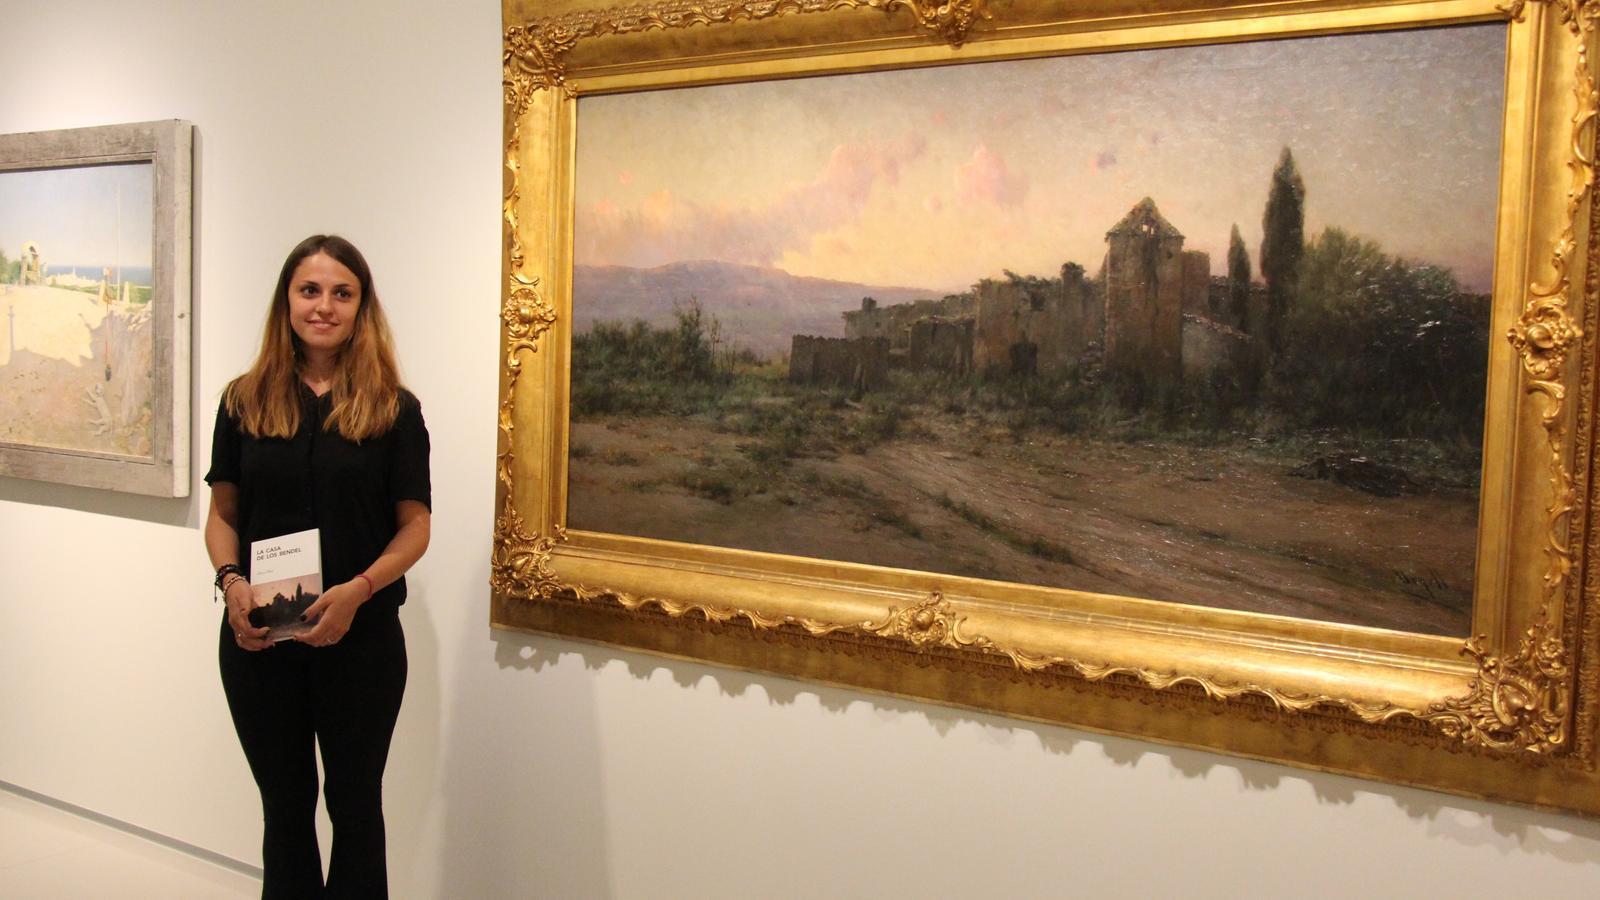 Mireia Moya davant de 'Paisatges', l'obra que la va inspirar a escriure el relat de misteri./ N. T - T. N.